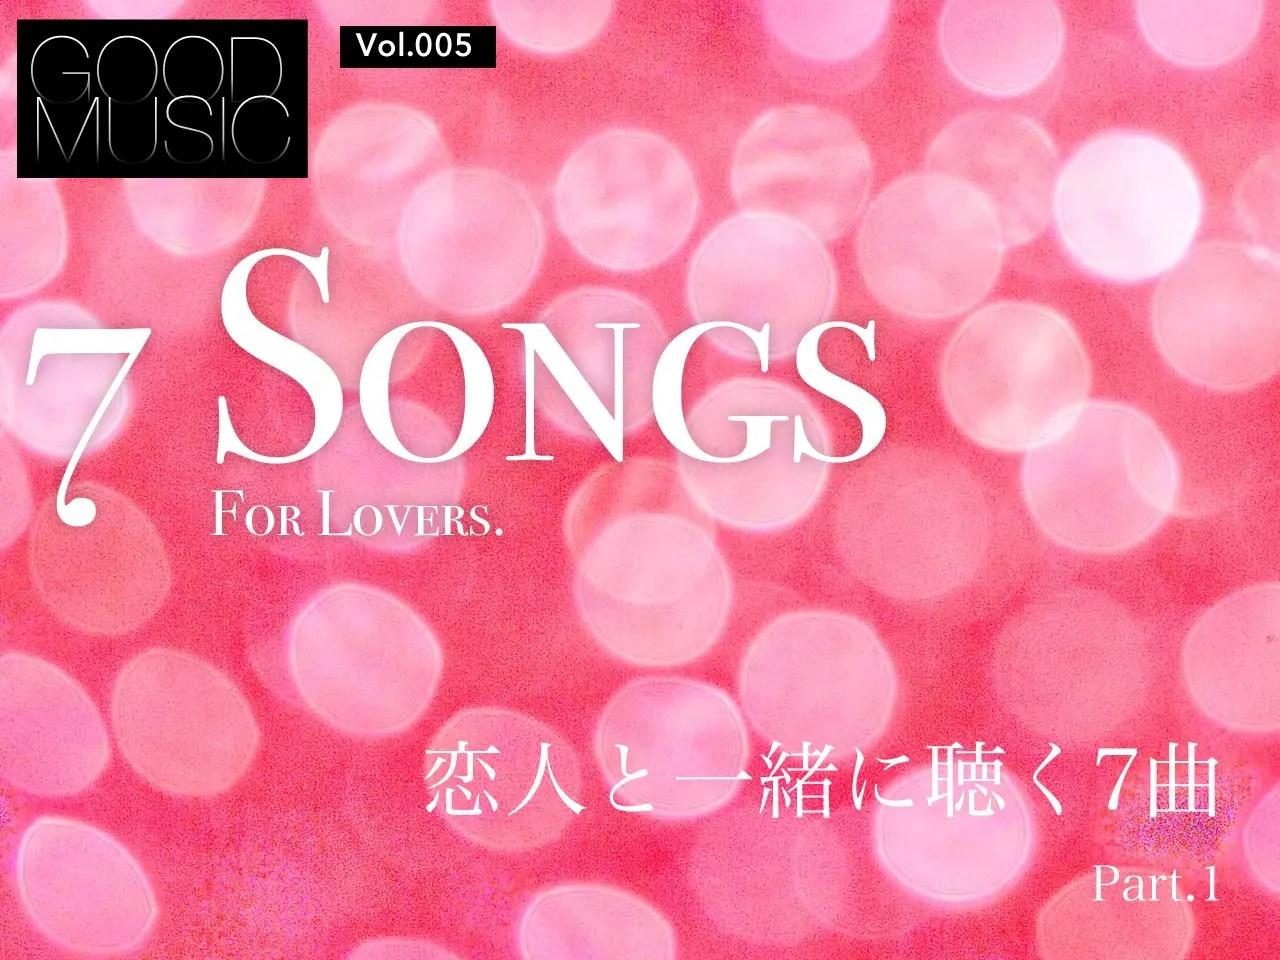 恋人と一緒に聴く曲 7曲   テーマ別音楽特集